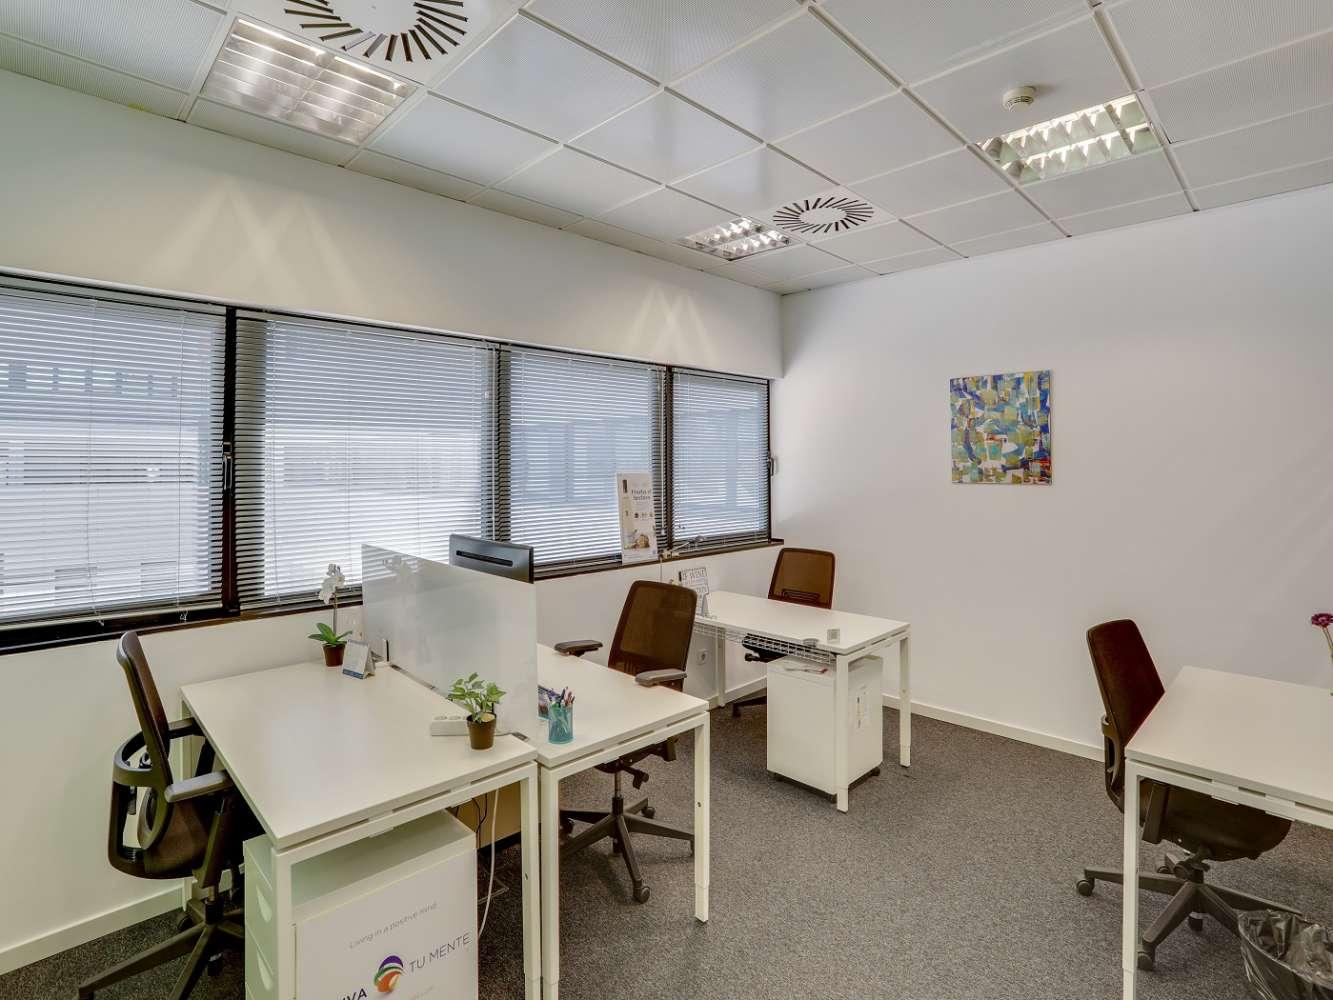 Oficina Las rozas de madrid, 28232 - Coworking - Las Rozas - 20145